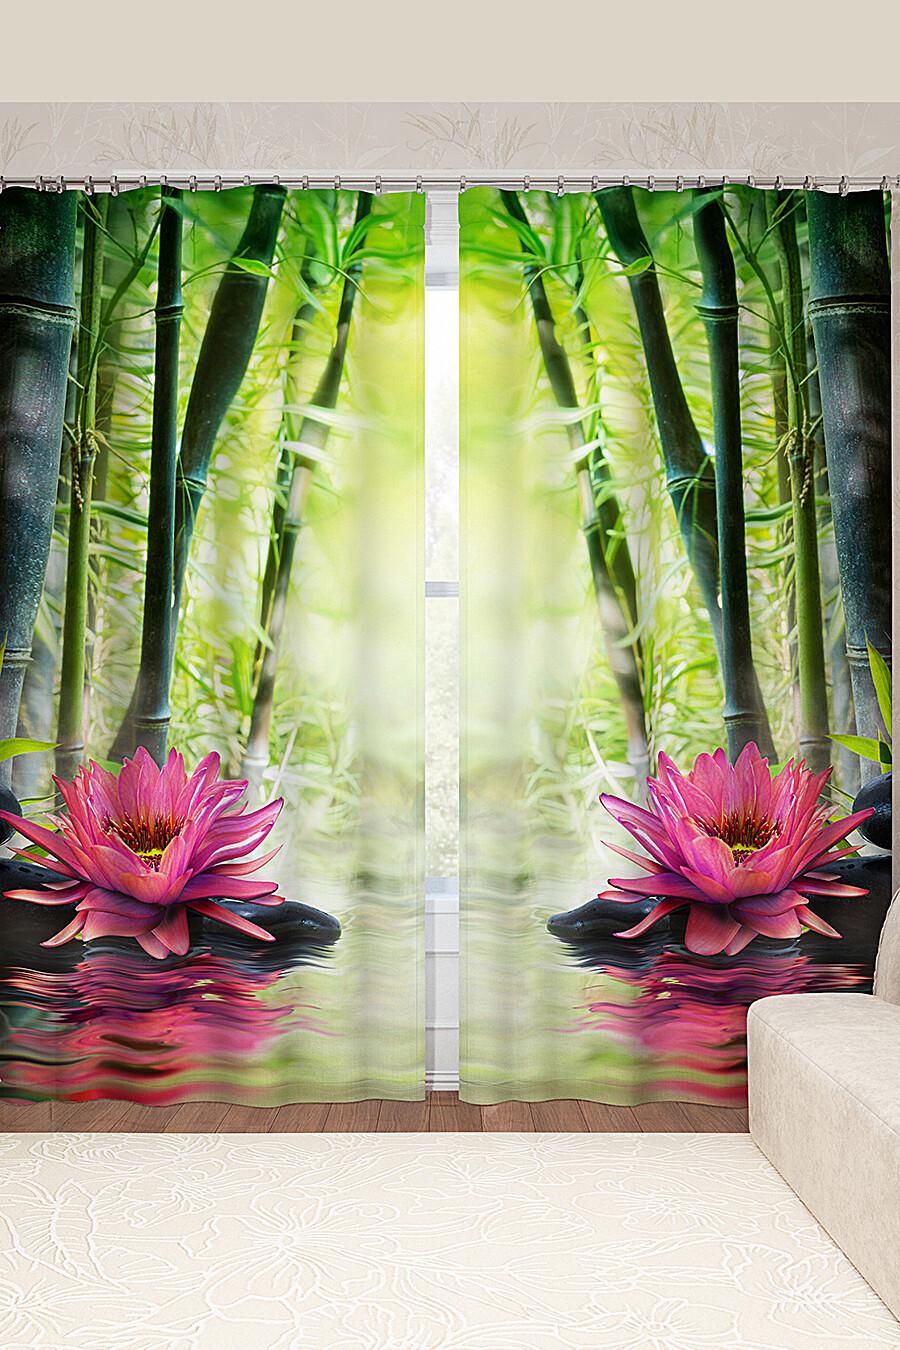 Фотошторы для дома ART HOME TEXTILE 123848 купить оптом от производителя. Совместная покупка товаров для дома в OptMoyo